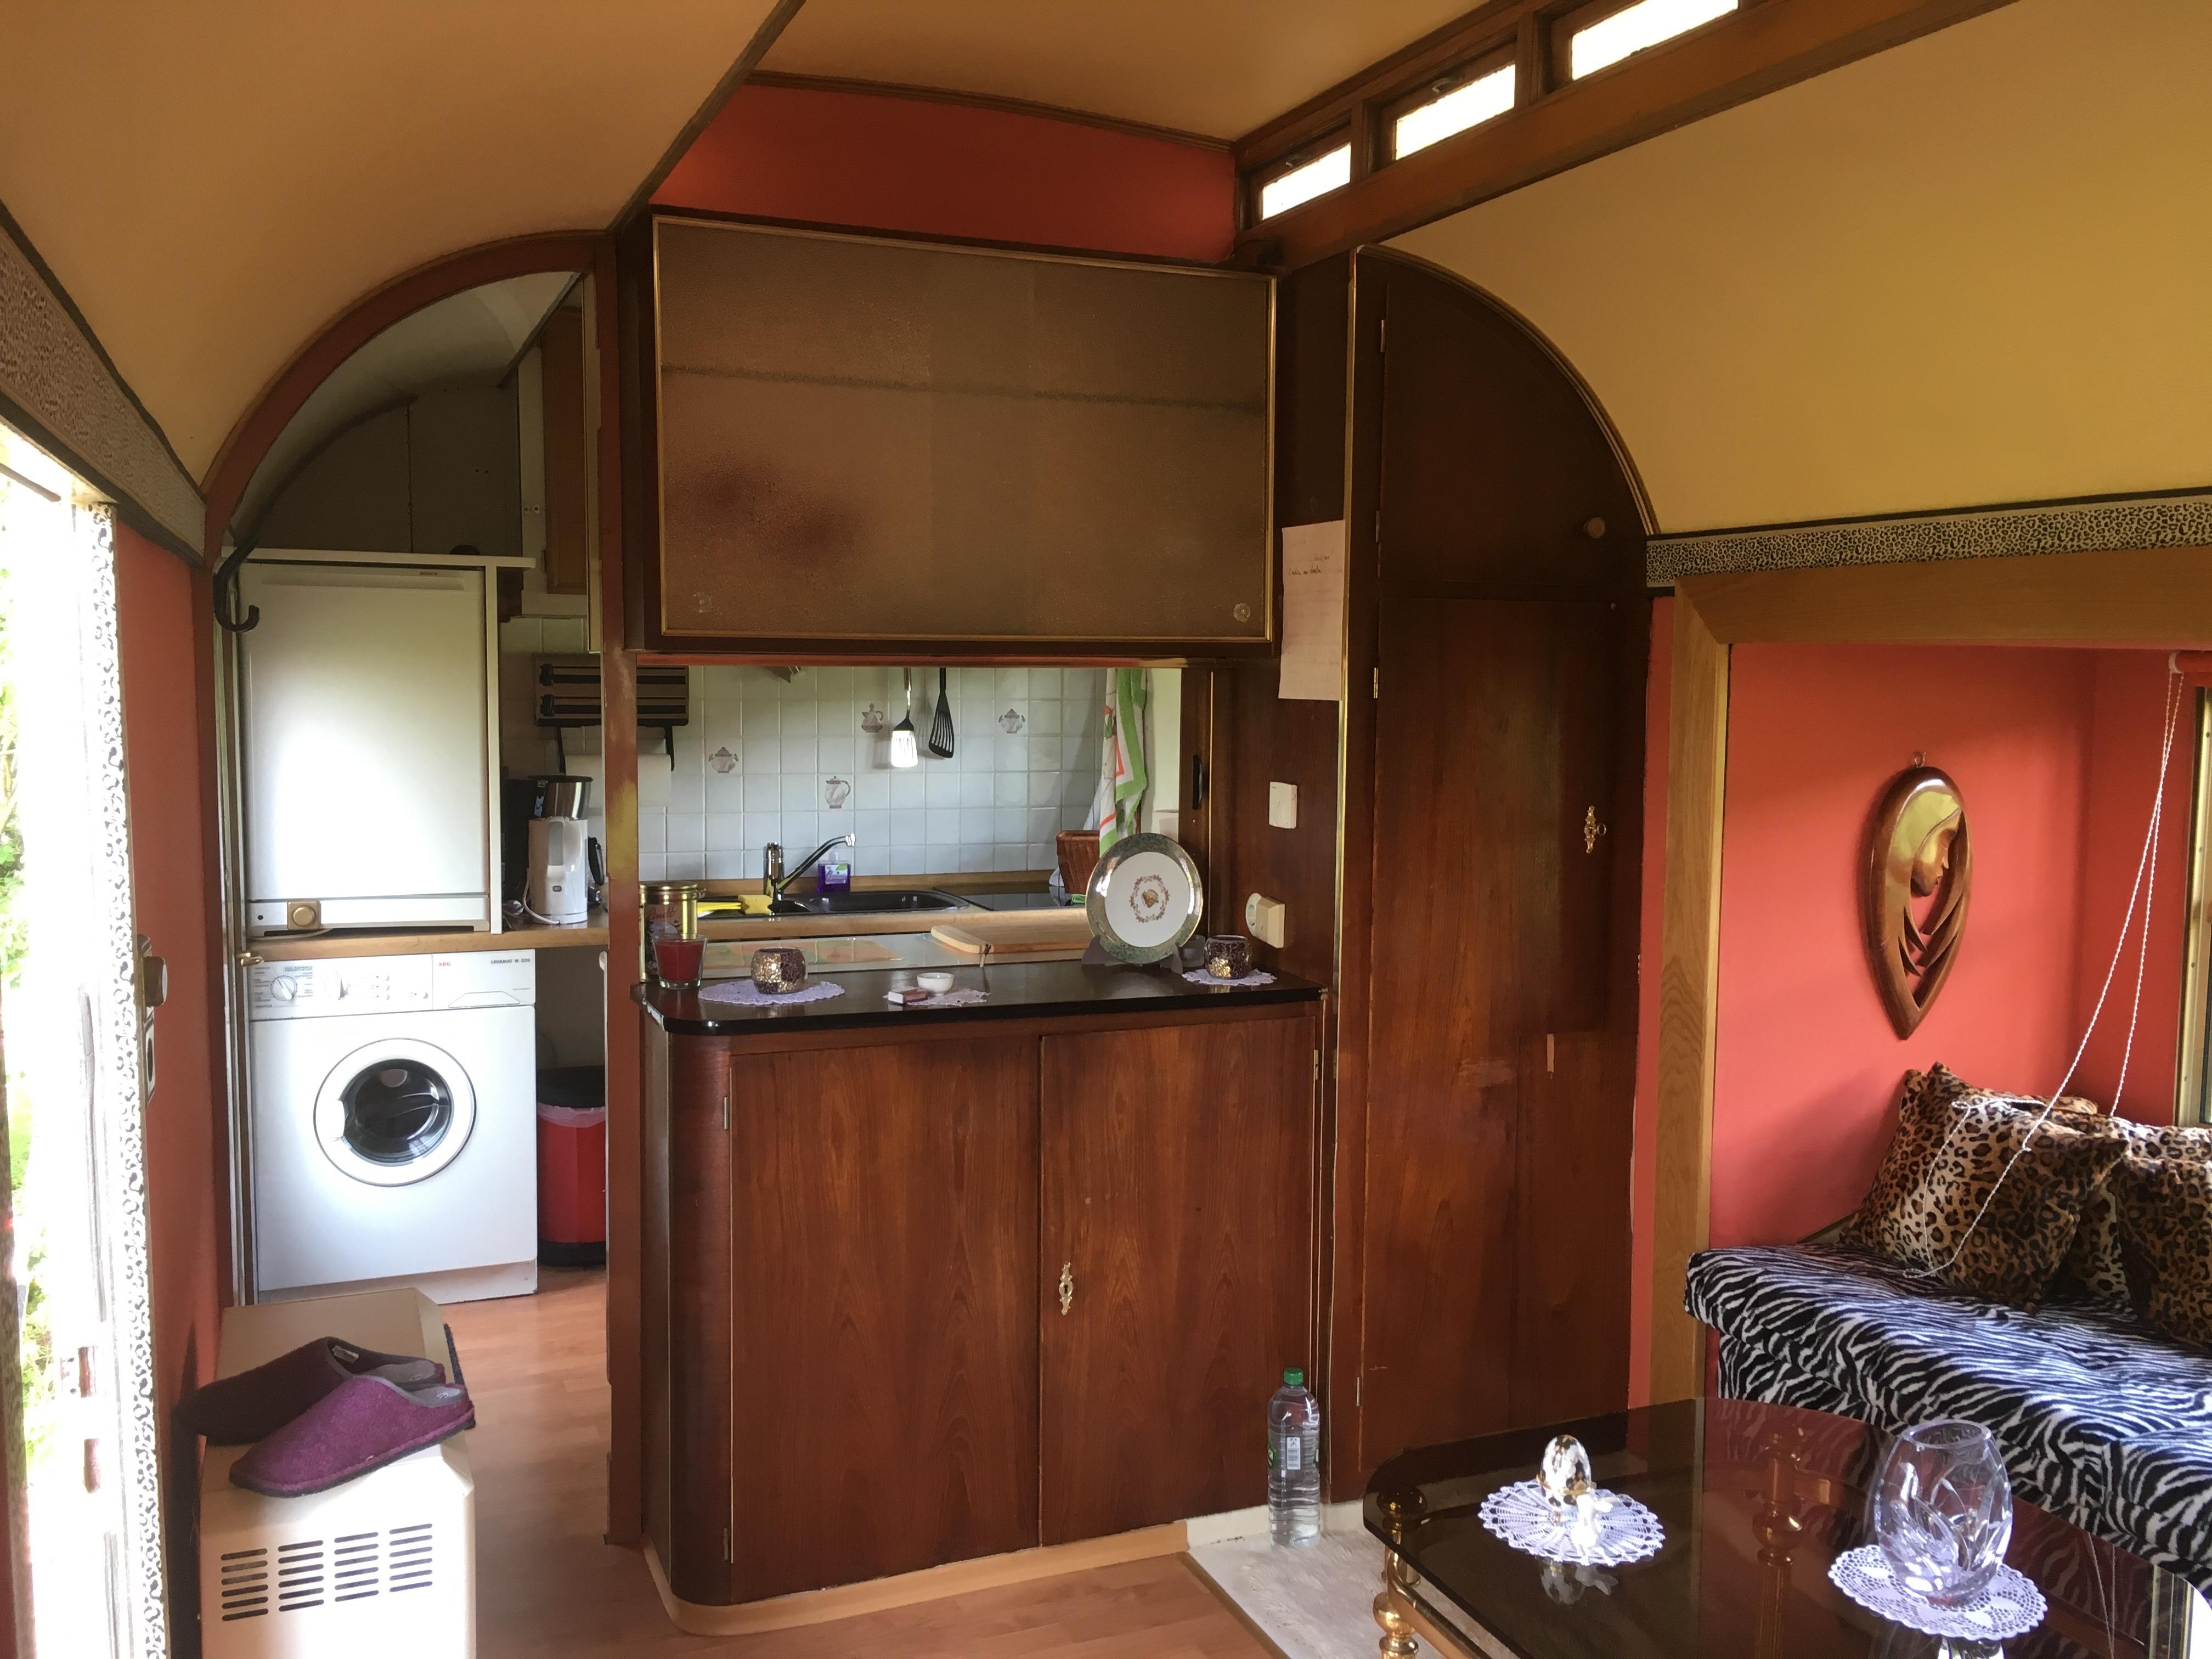 Zirkuswagen Küchenzeile Vermietung